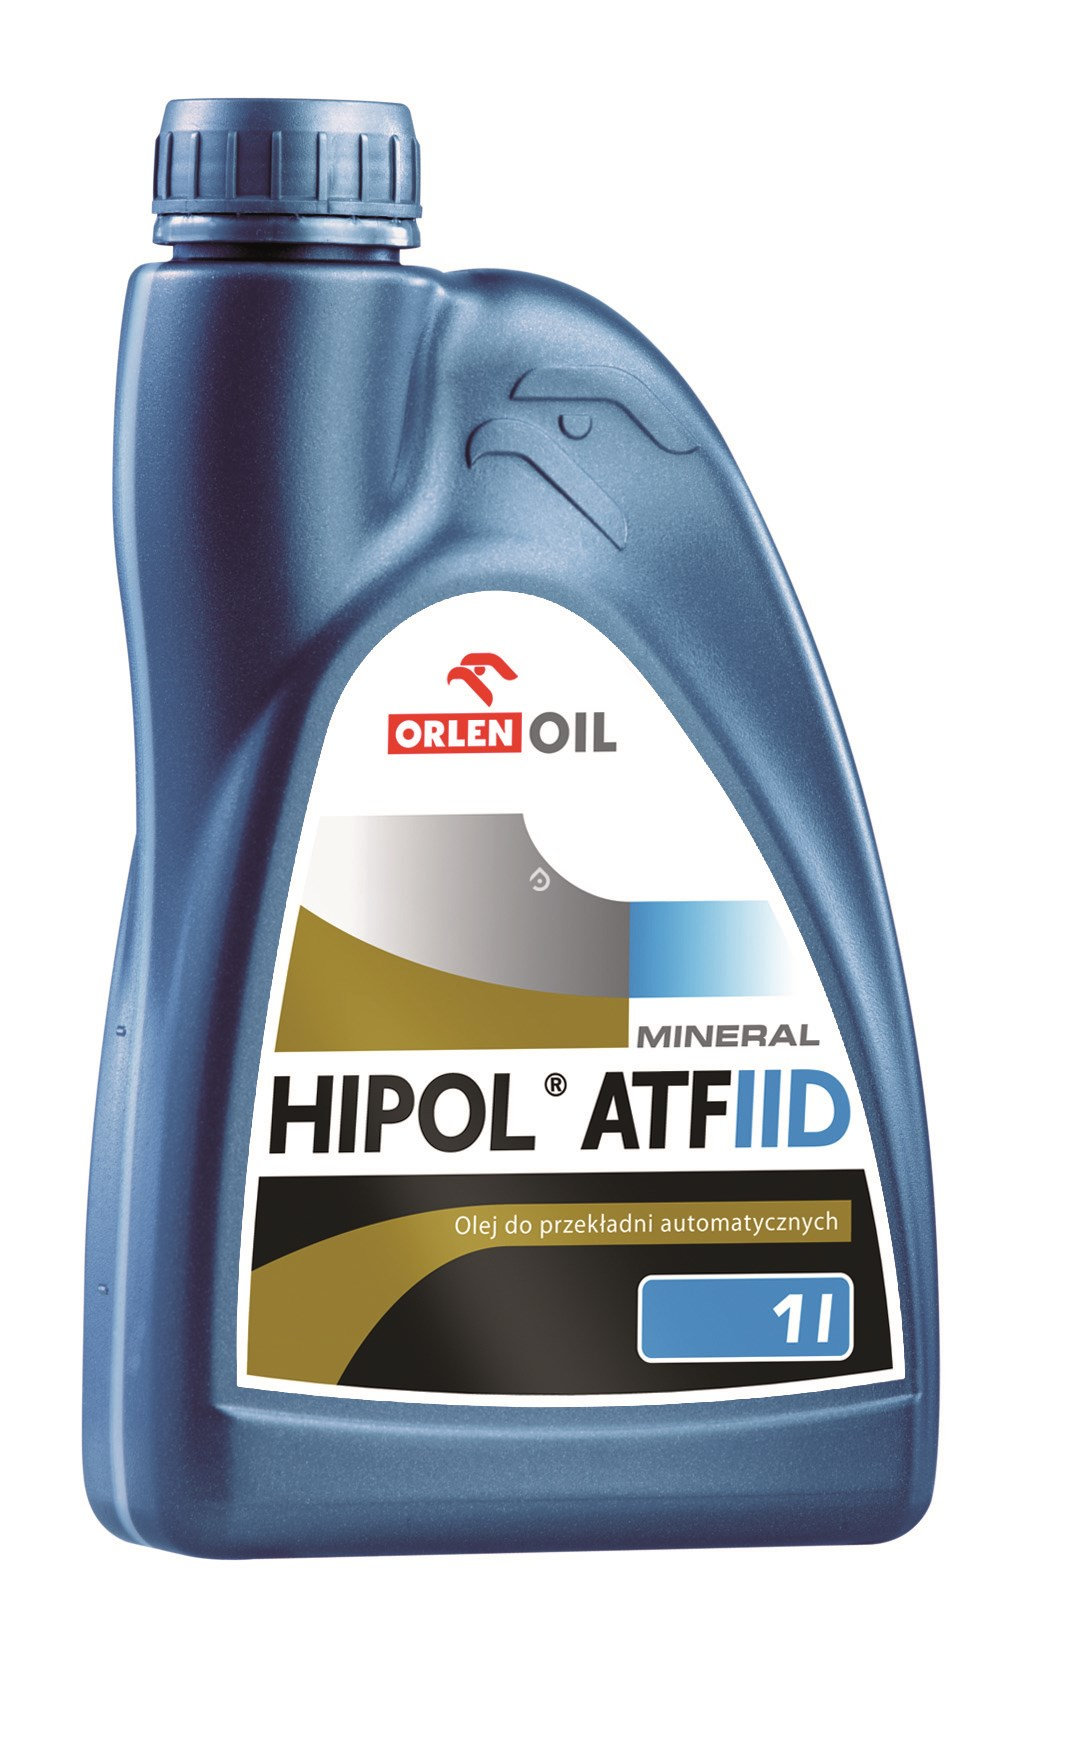 ORLEN OIL HIPOL ATF II D 1L. OLEJ DO SKRZYNI AUTOMATYCZNEJ